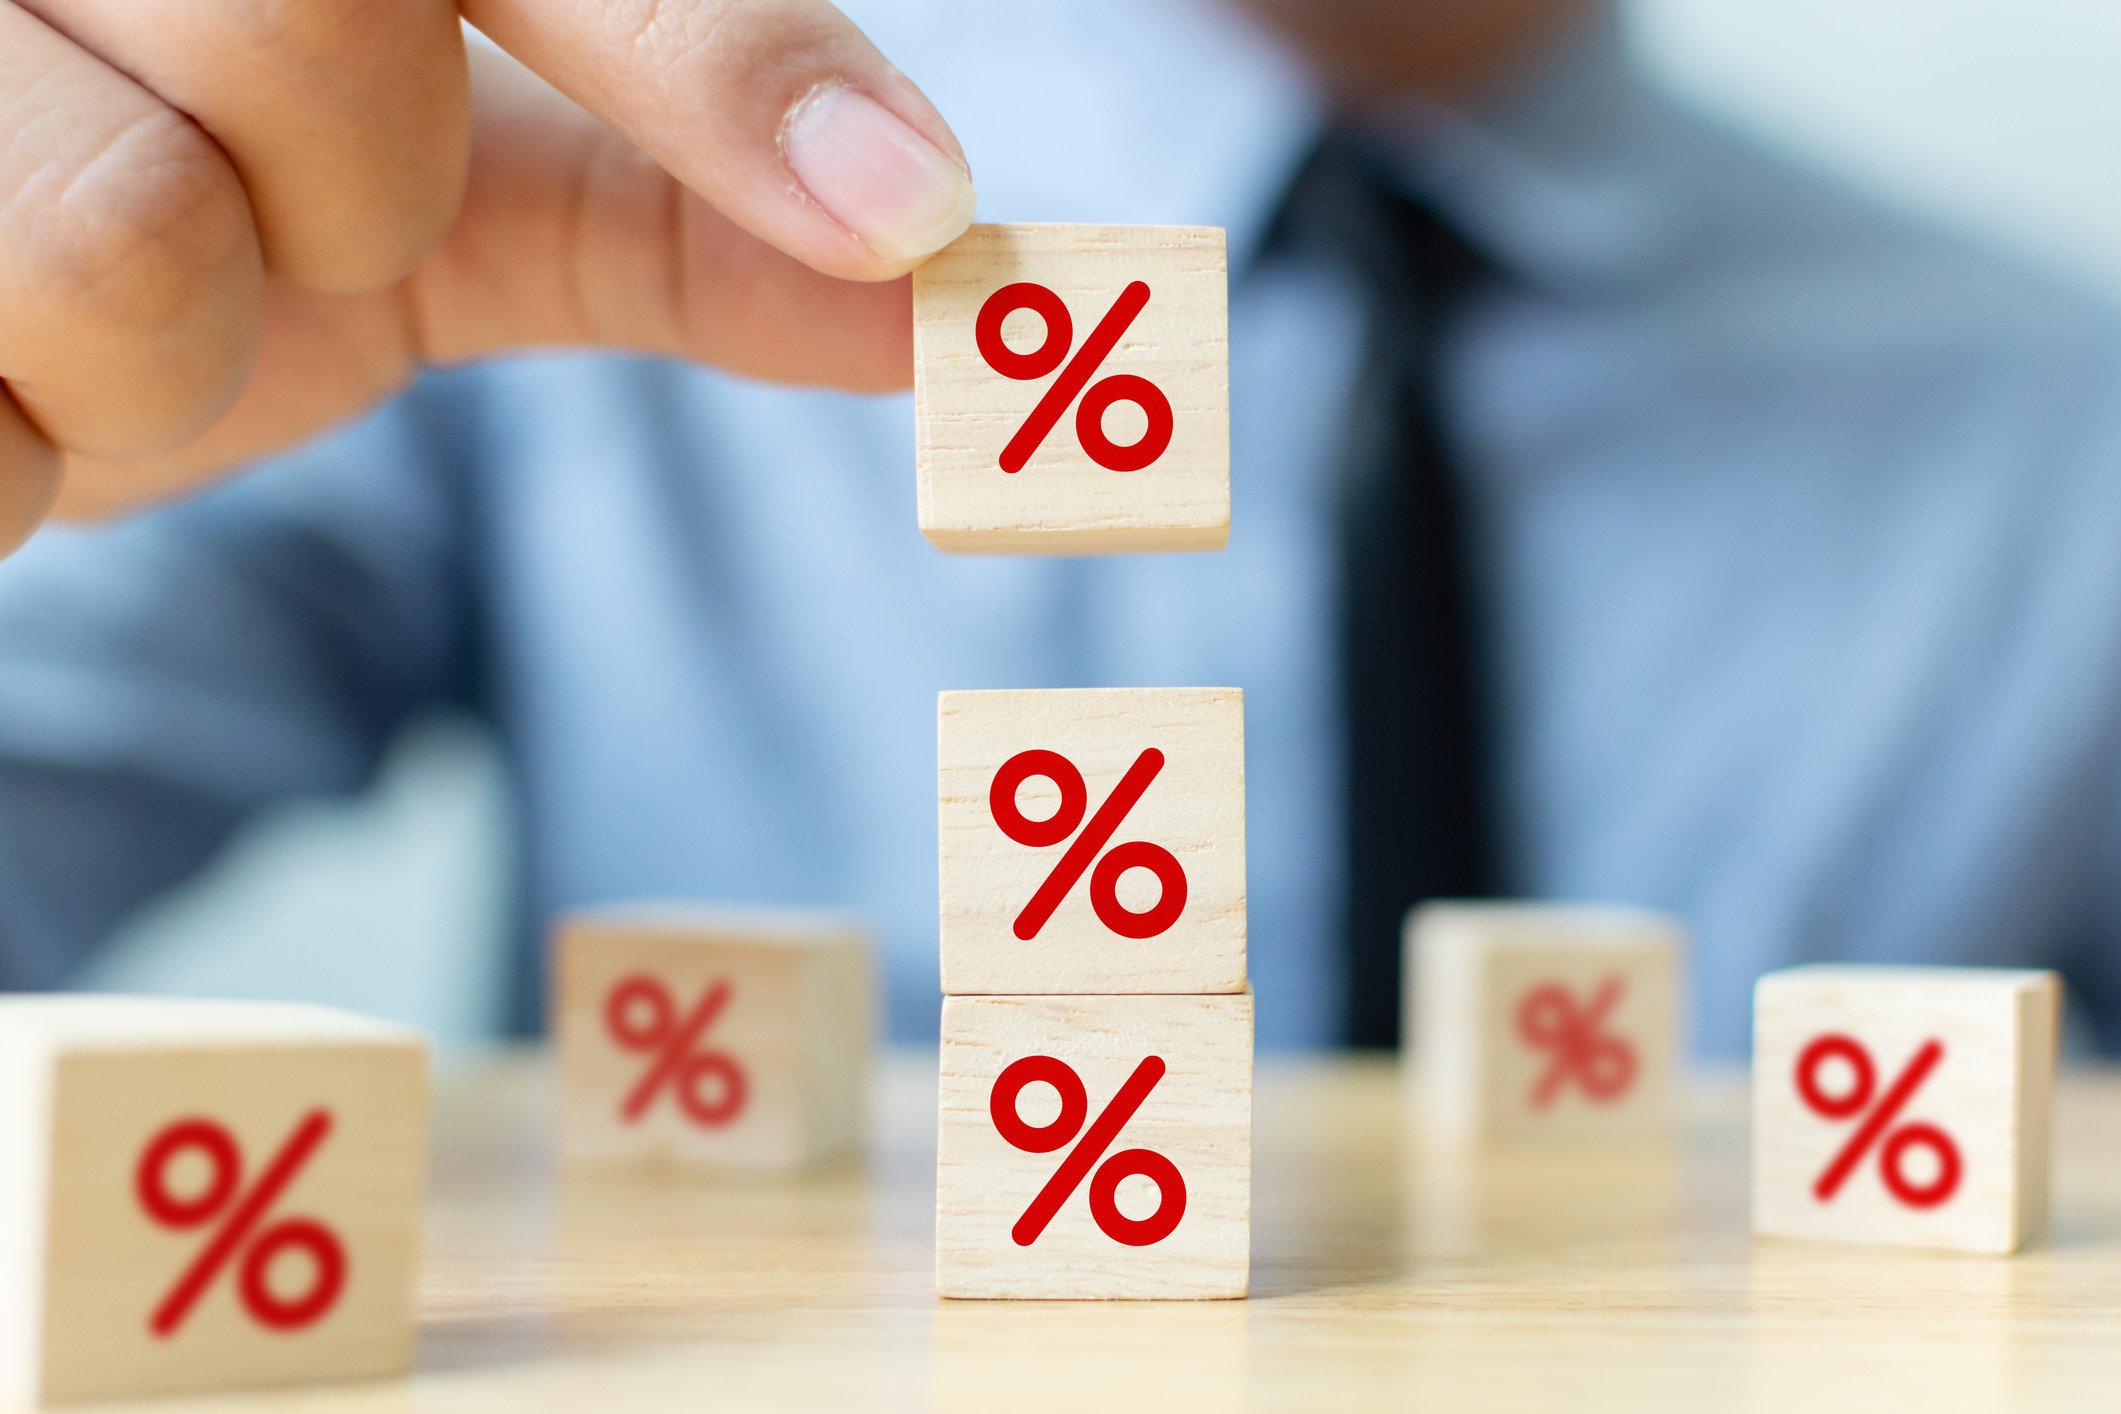 Можно попросить снижение ставки вознаграждения